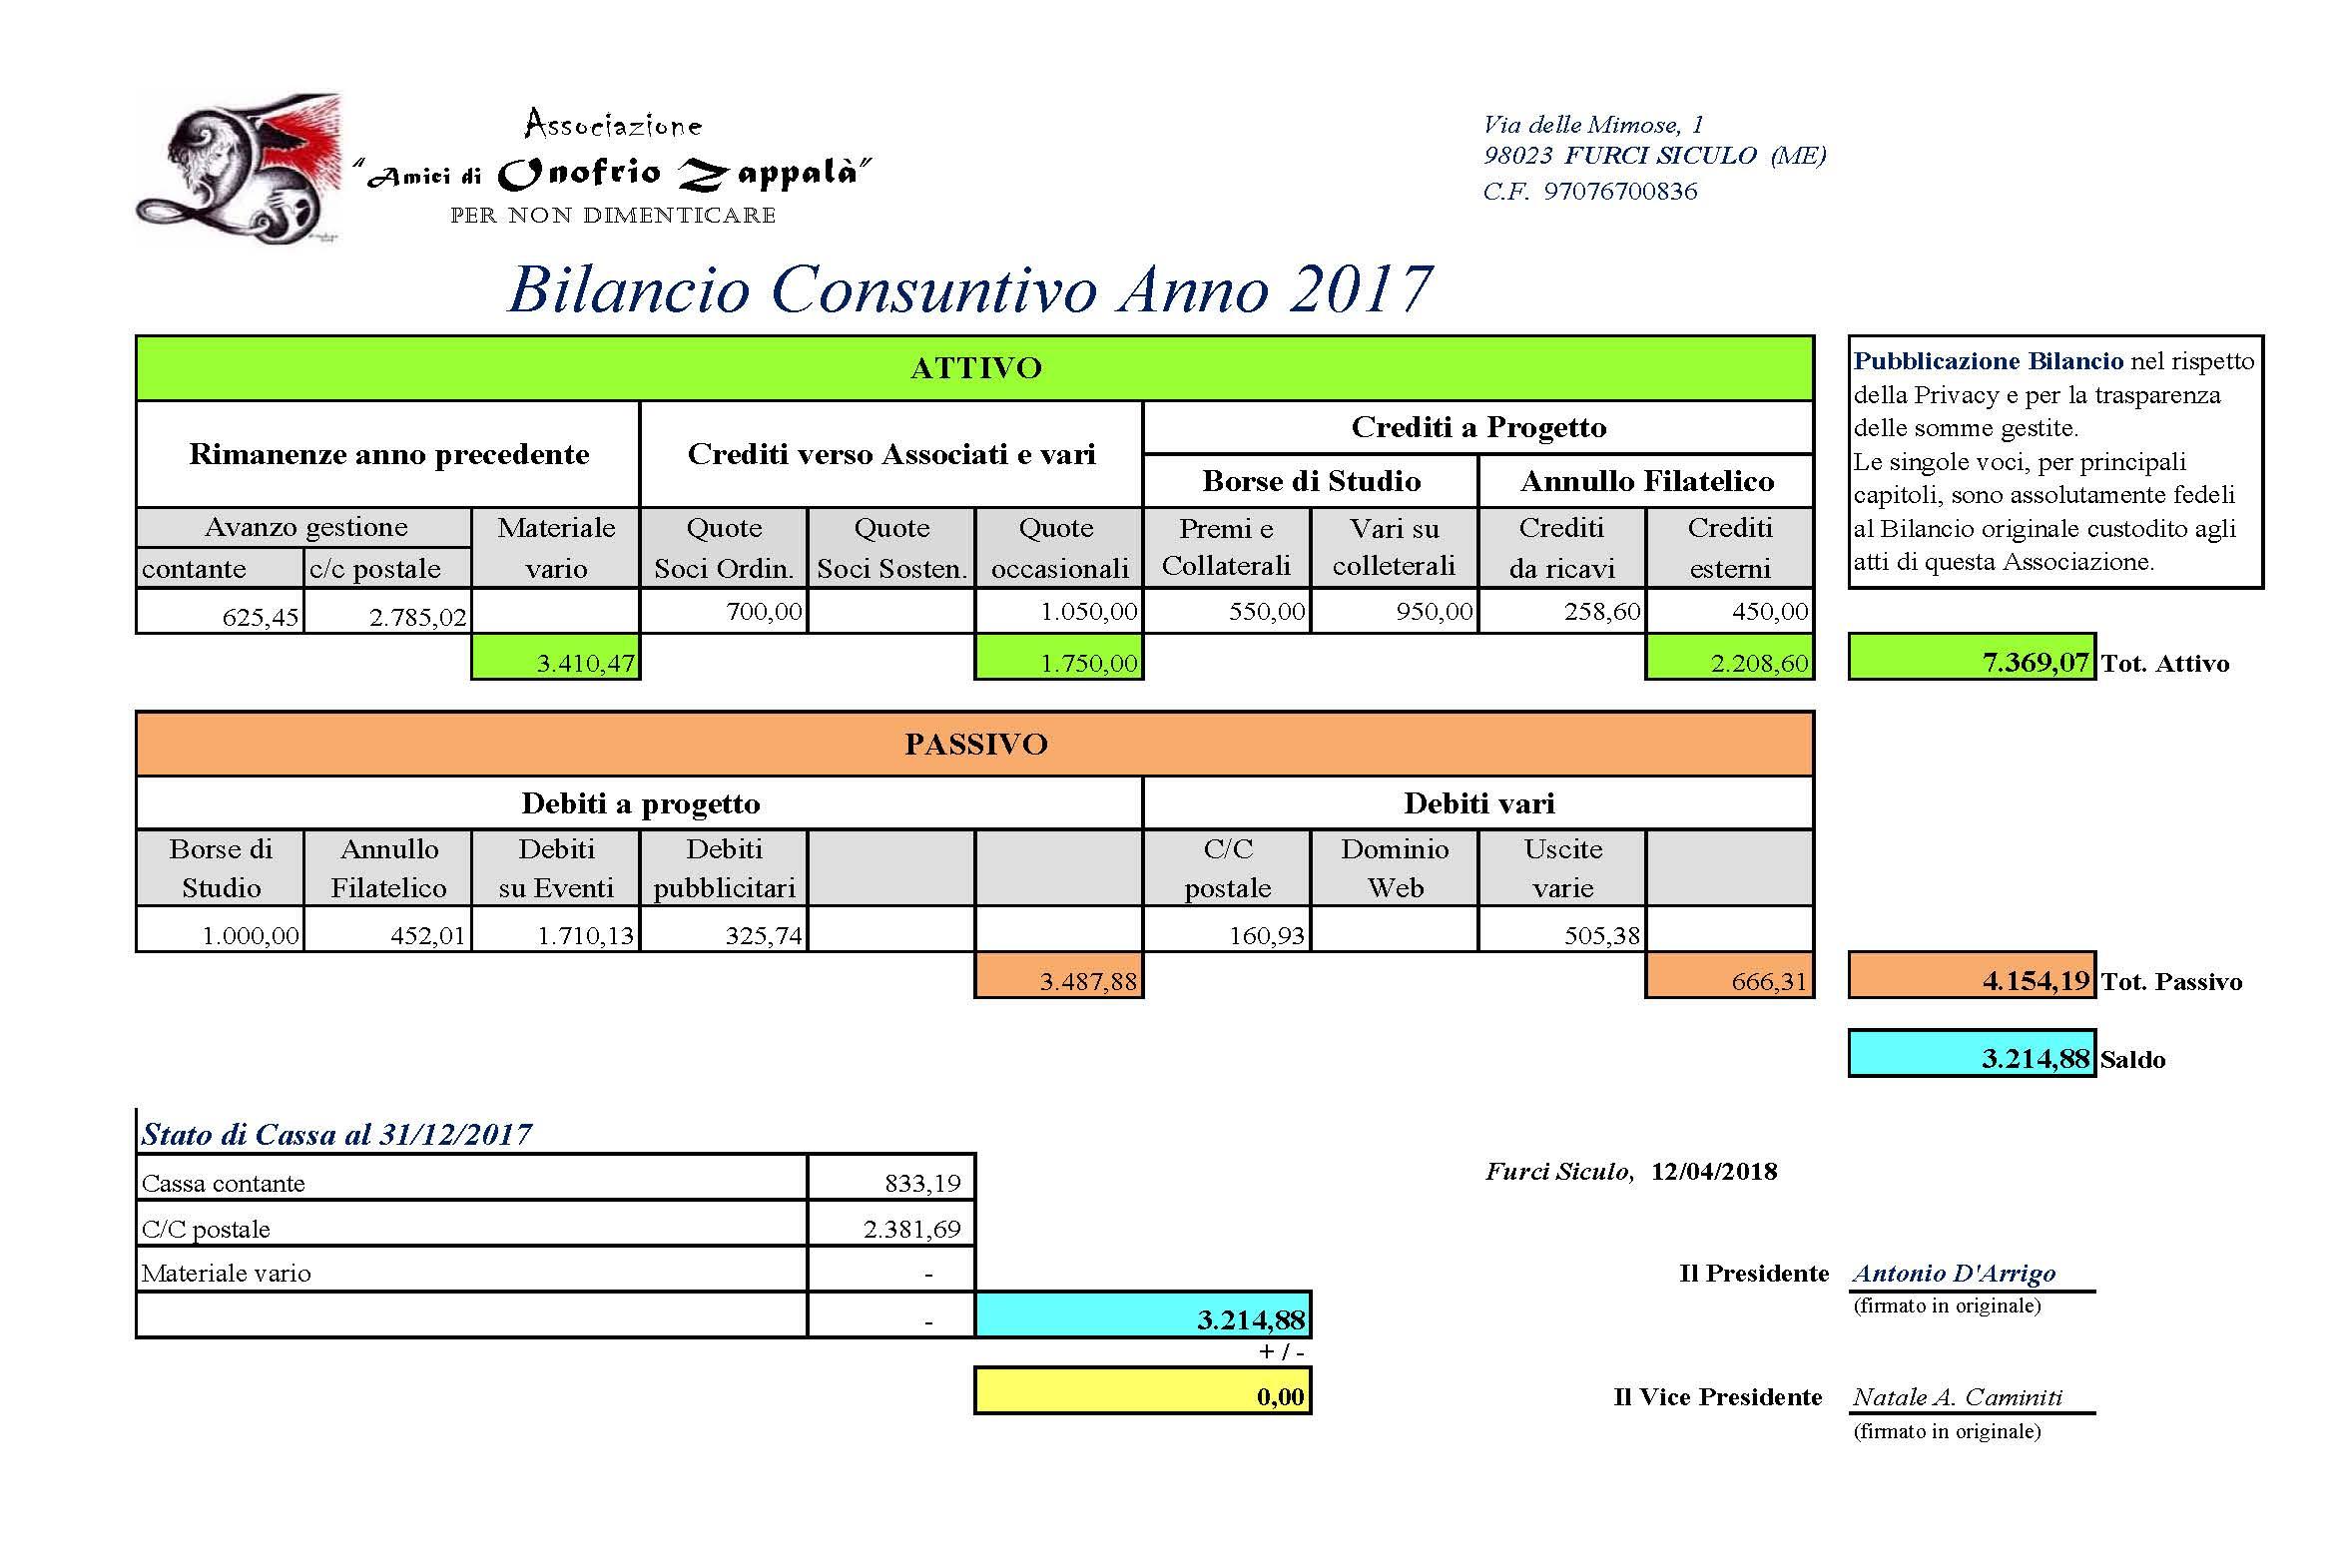 Bilancio 2017 associazione amici di onofrio zappal for Radio radicale in diretta